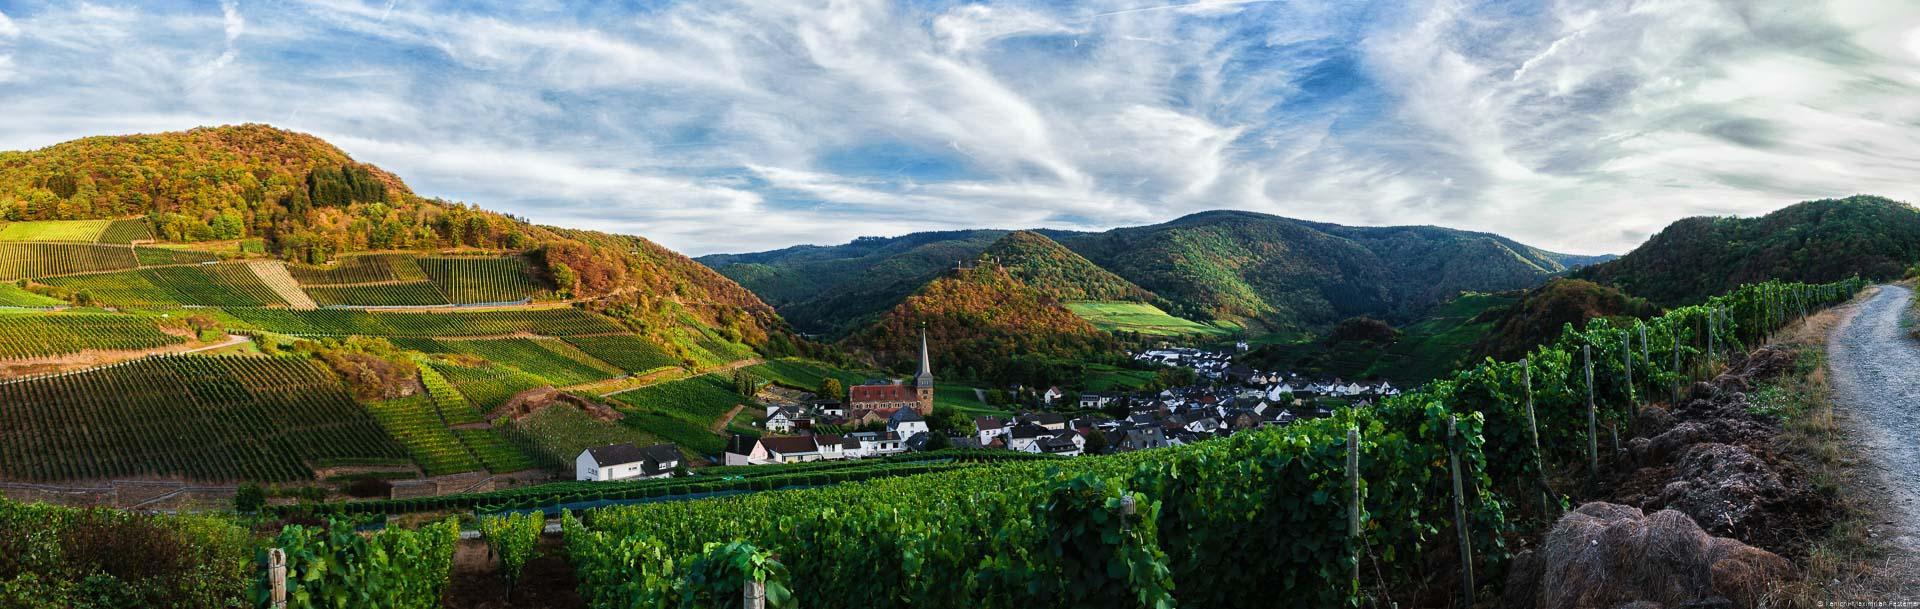 Talkessel im Weinanbaugebiet Ahr rund um den Ort Mayschoss; Weinberg Mayschosser Mönchberg; bewaldete Hügel; Himmel mit Wolken